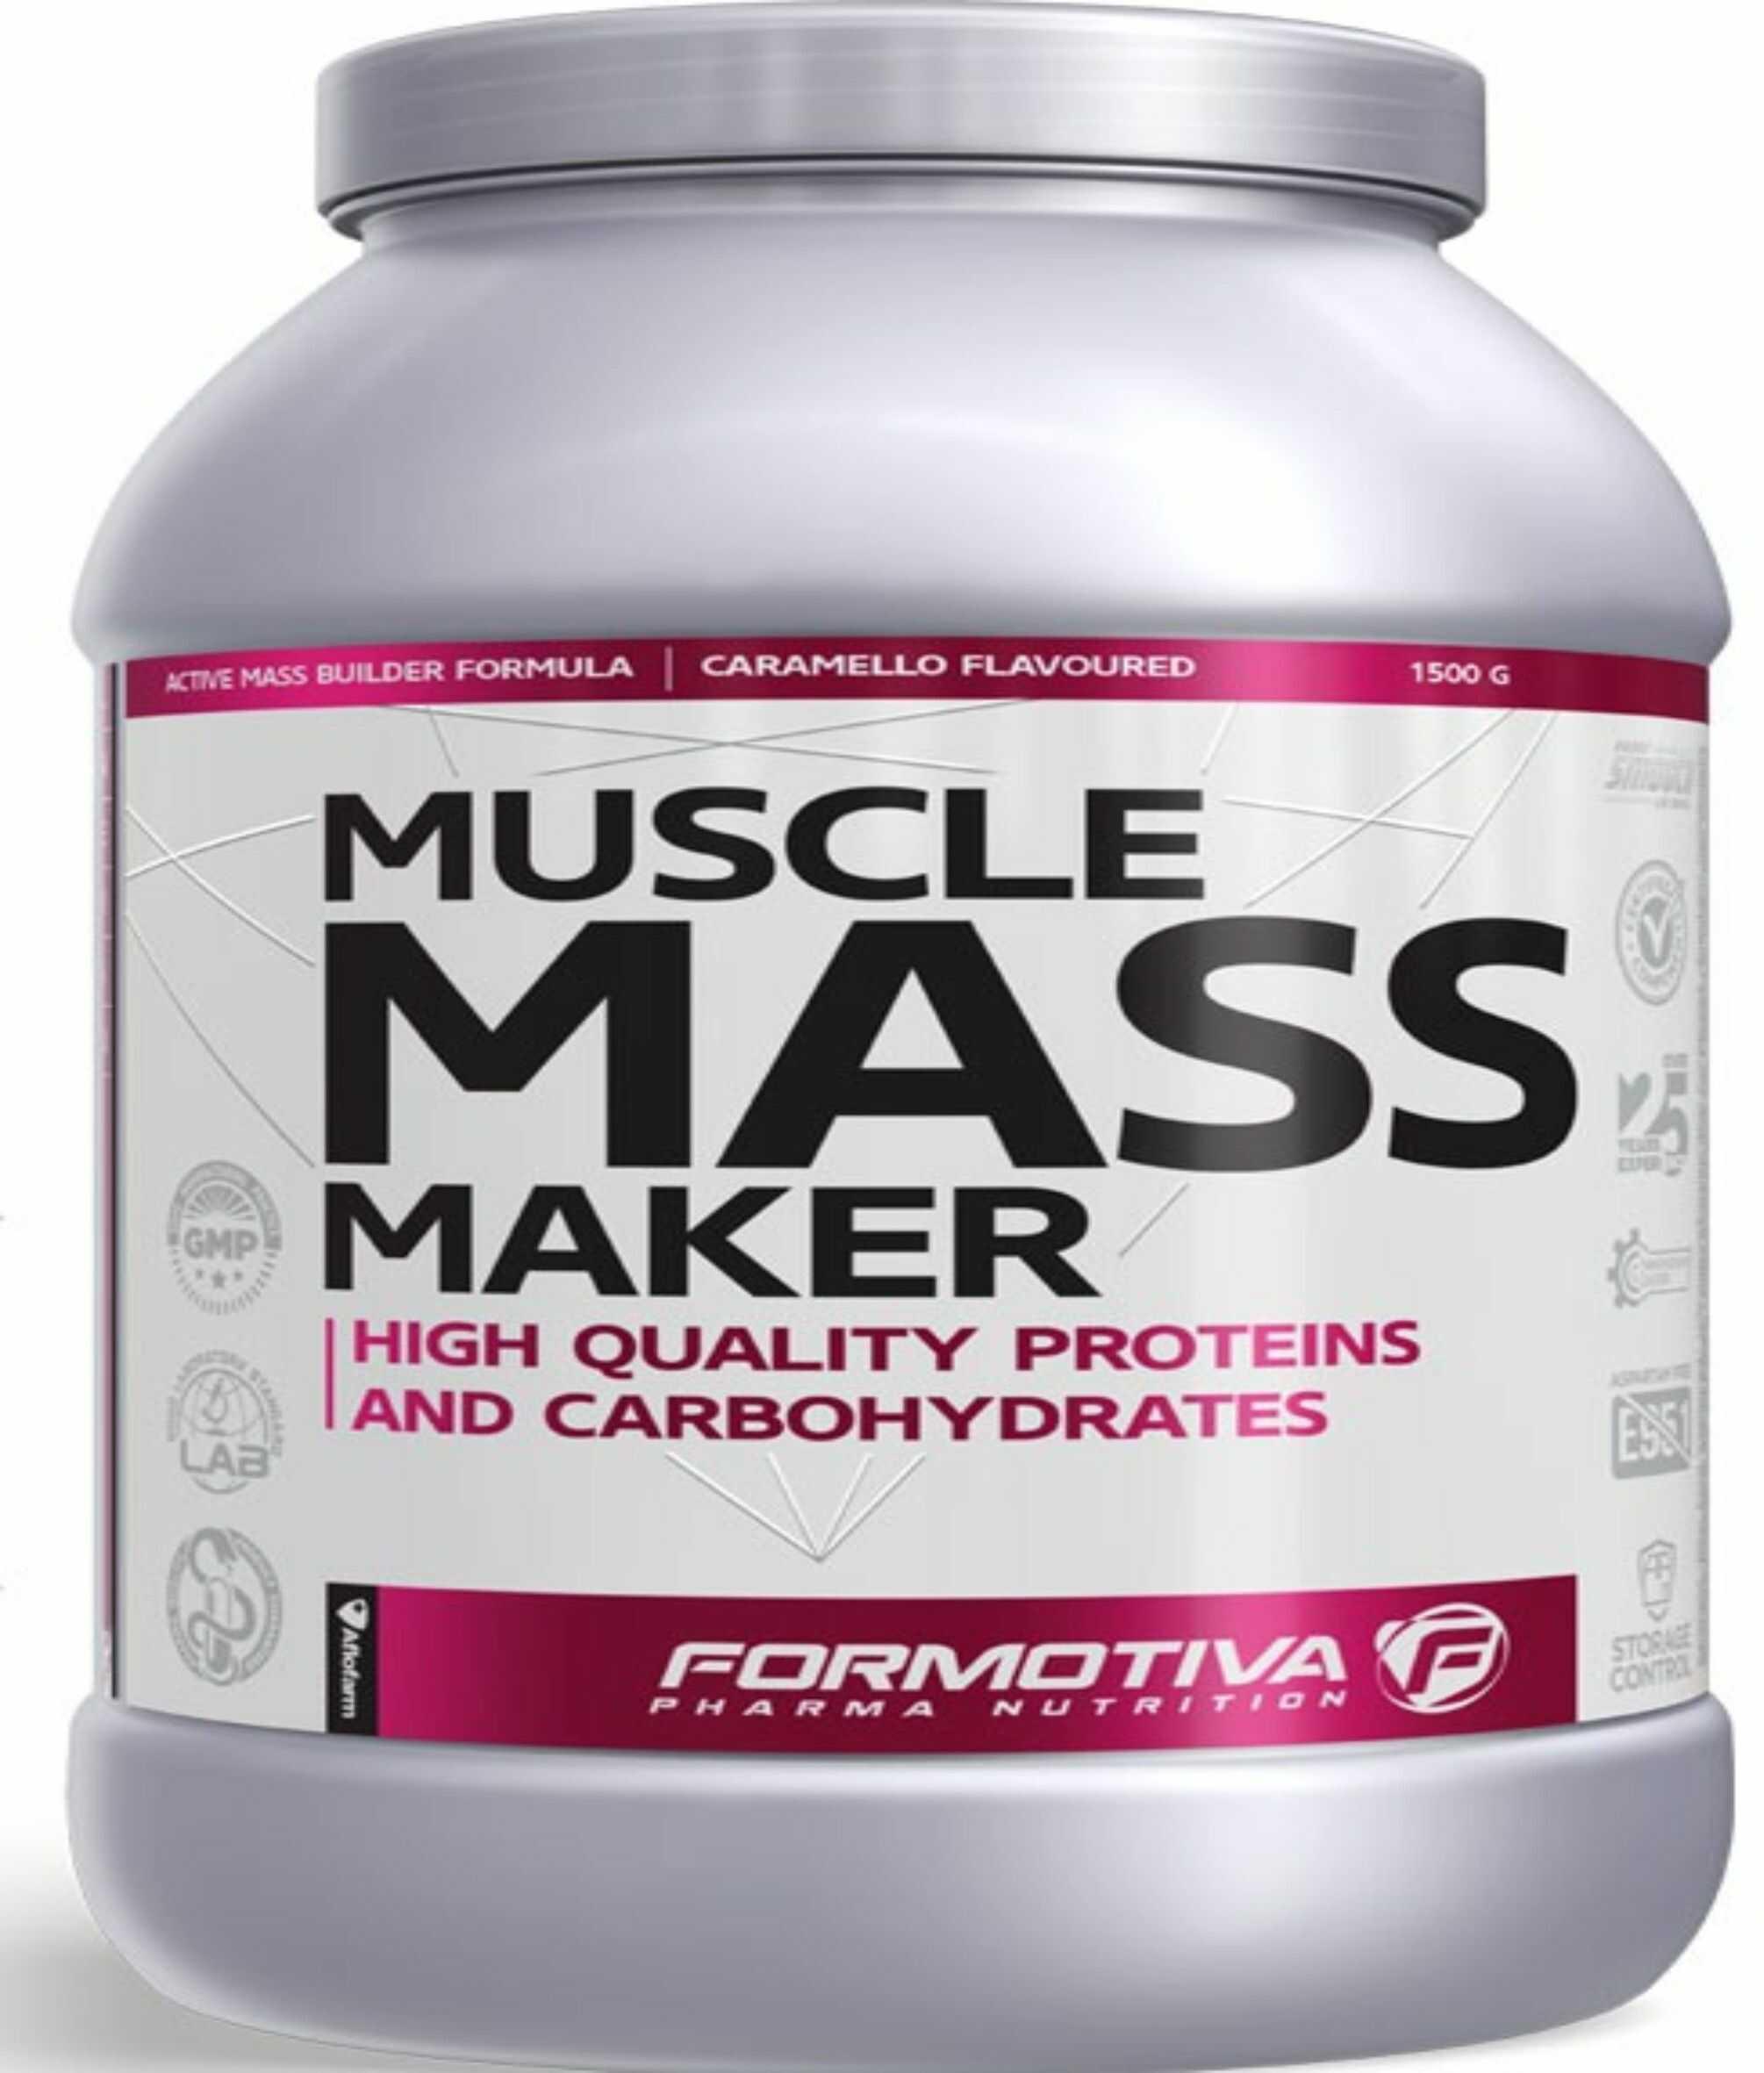 FORMOTIVA Muscle Mass Maker 1500 g karmel TANIE ODŻYWKI , NATYCHMIASTOWA WYSYŁKA !